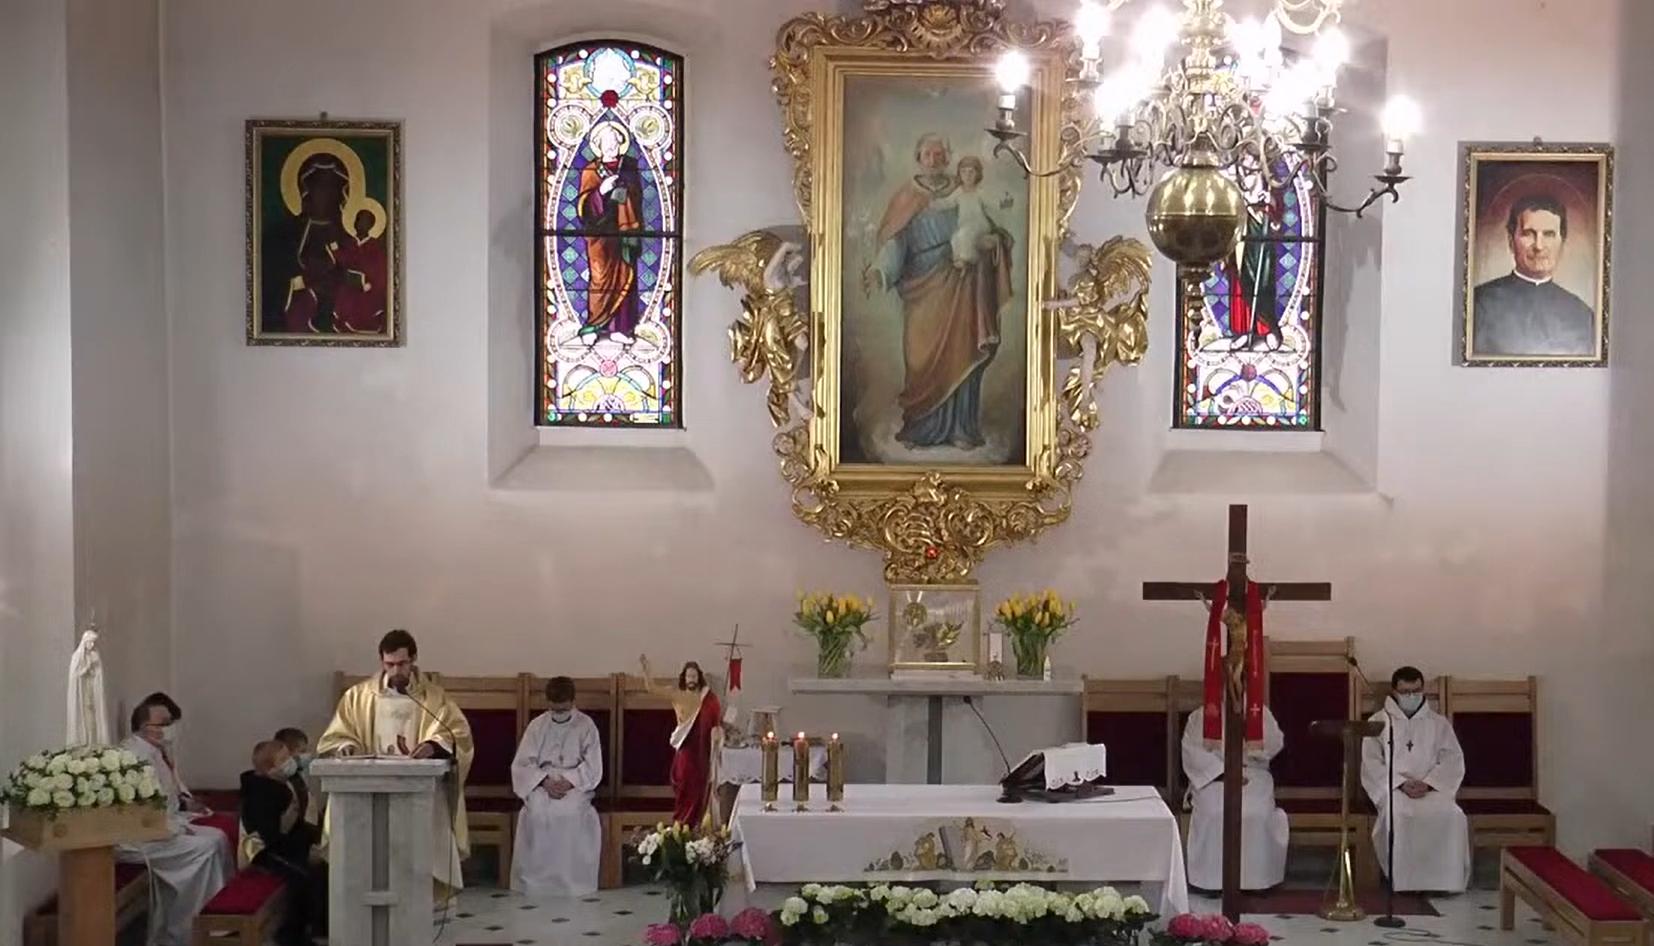 Niedzielne nabożeństwo o 11:30 (wideo)